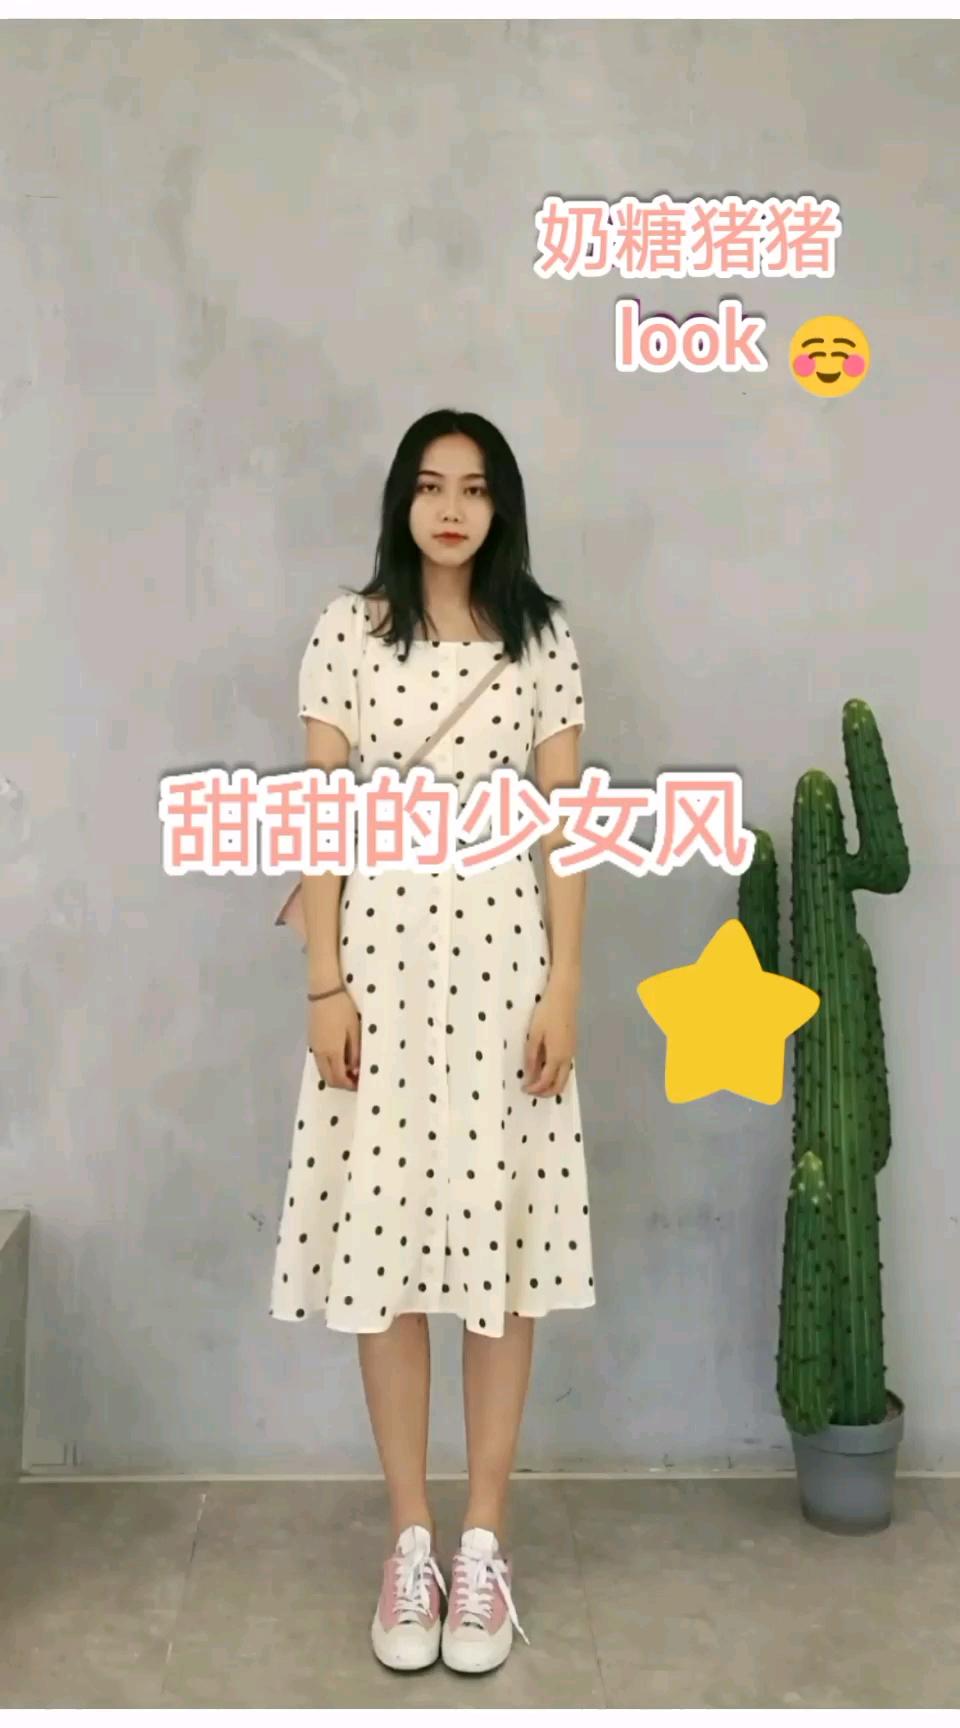 #清甜少女穿搭,给夏日降点温# 很舒服甜美的一条裙子 特别显瘦 包包很可爱